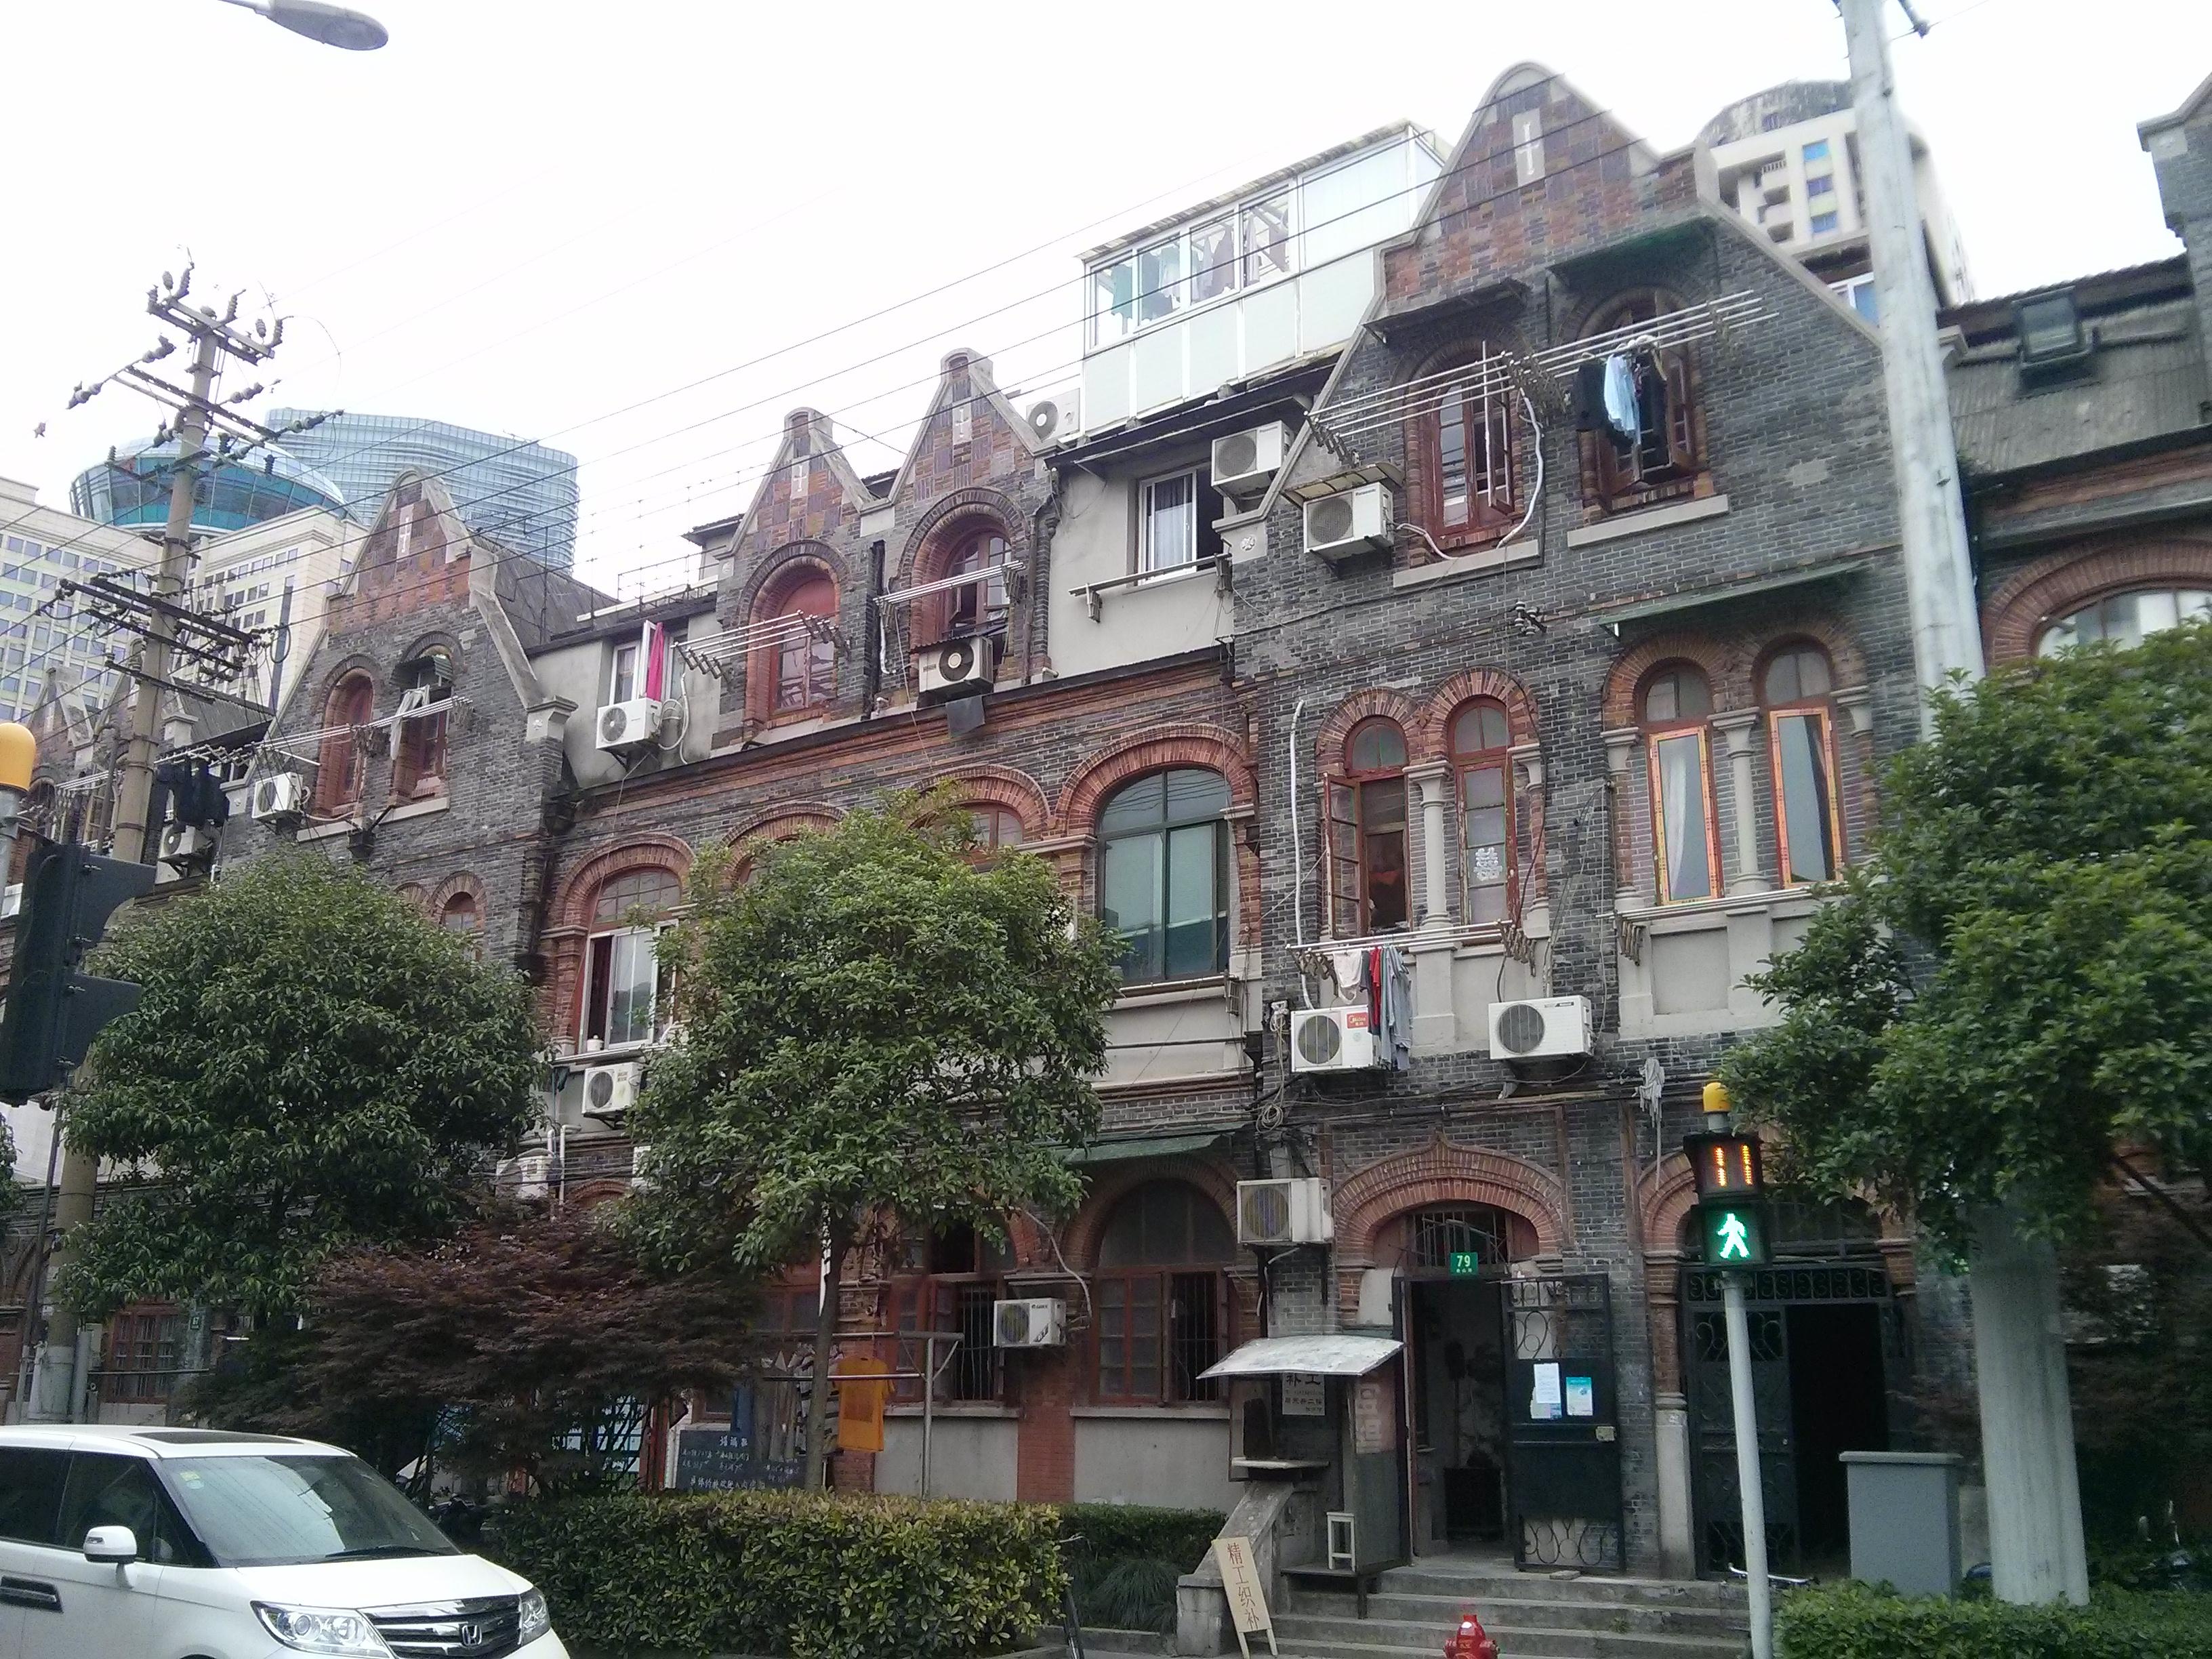 Shanghai Street View: War Memorials